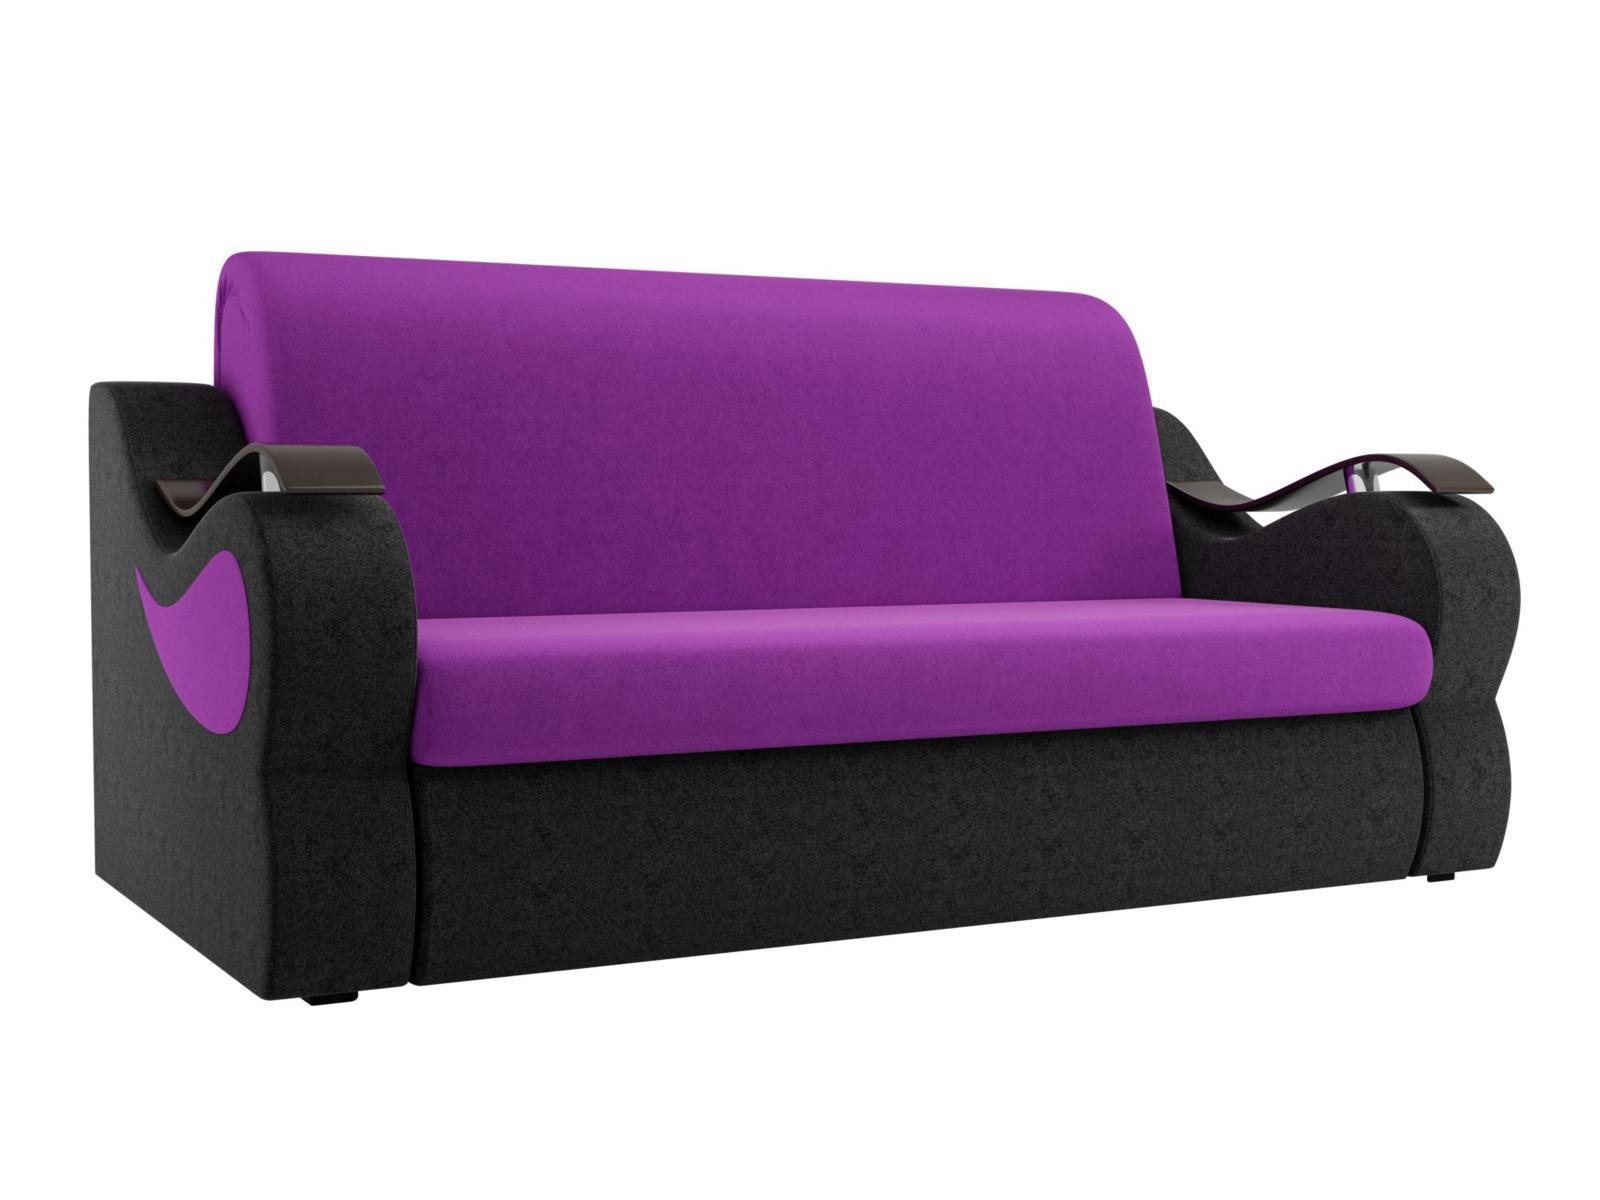 Диван прямой Мебелико Меркурий микровельвет фиолетовый/черный